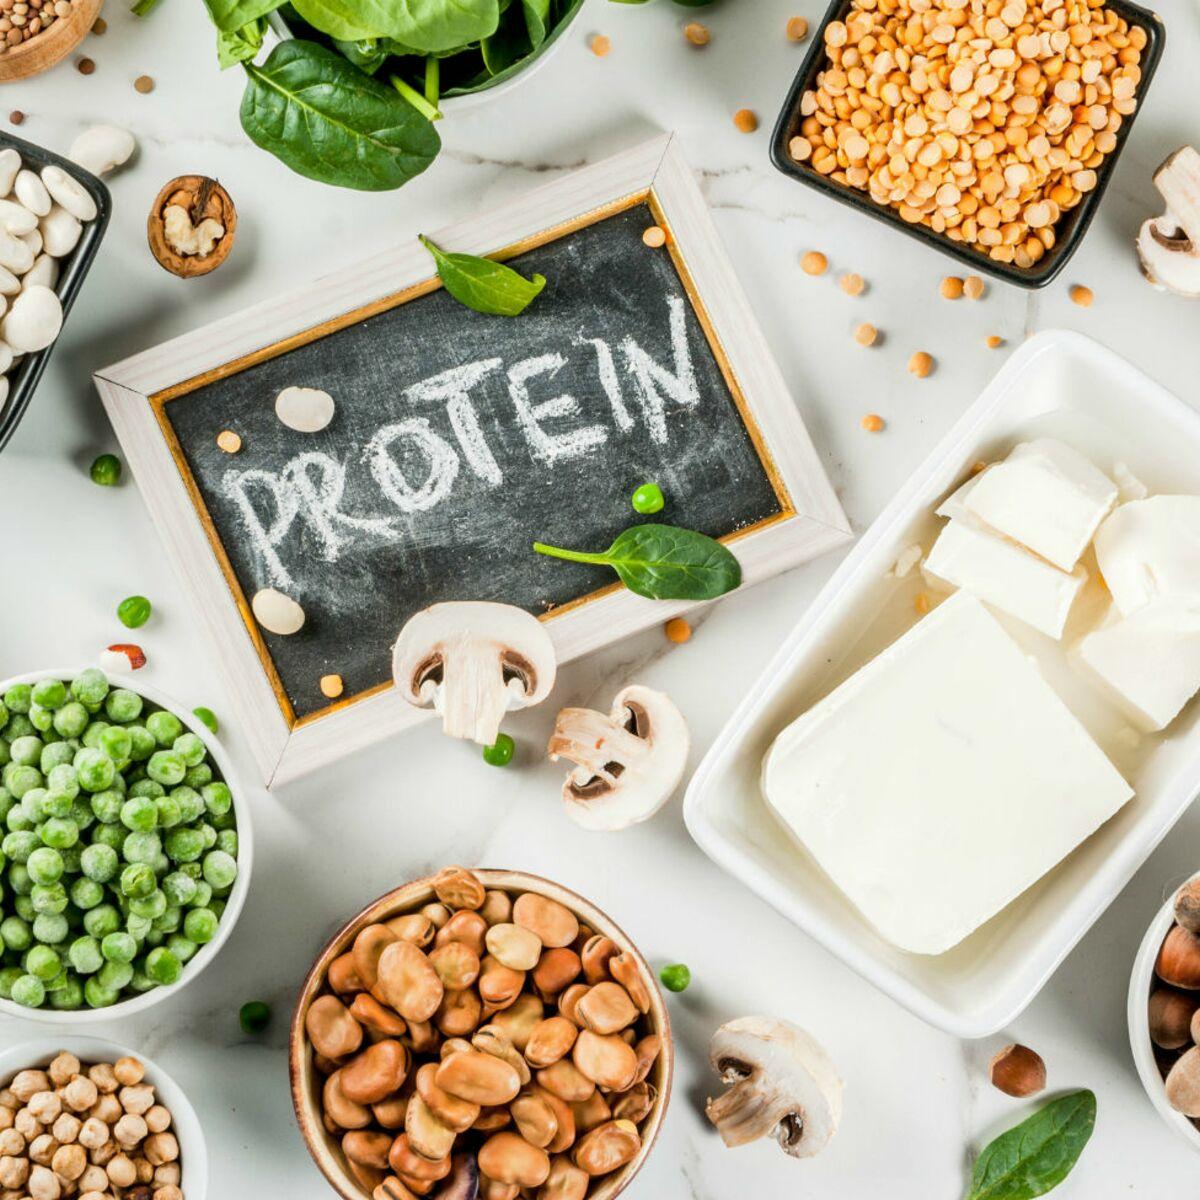 Les 13 aliments les plus riches en protéines : Femme Actuelle Le MAG